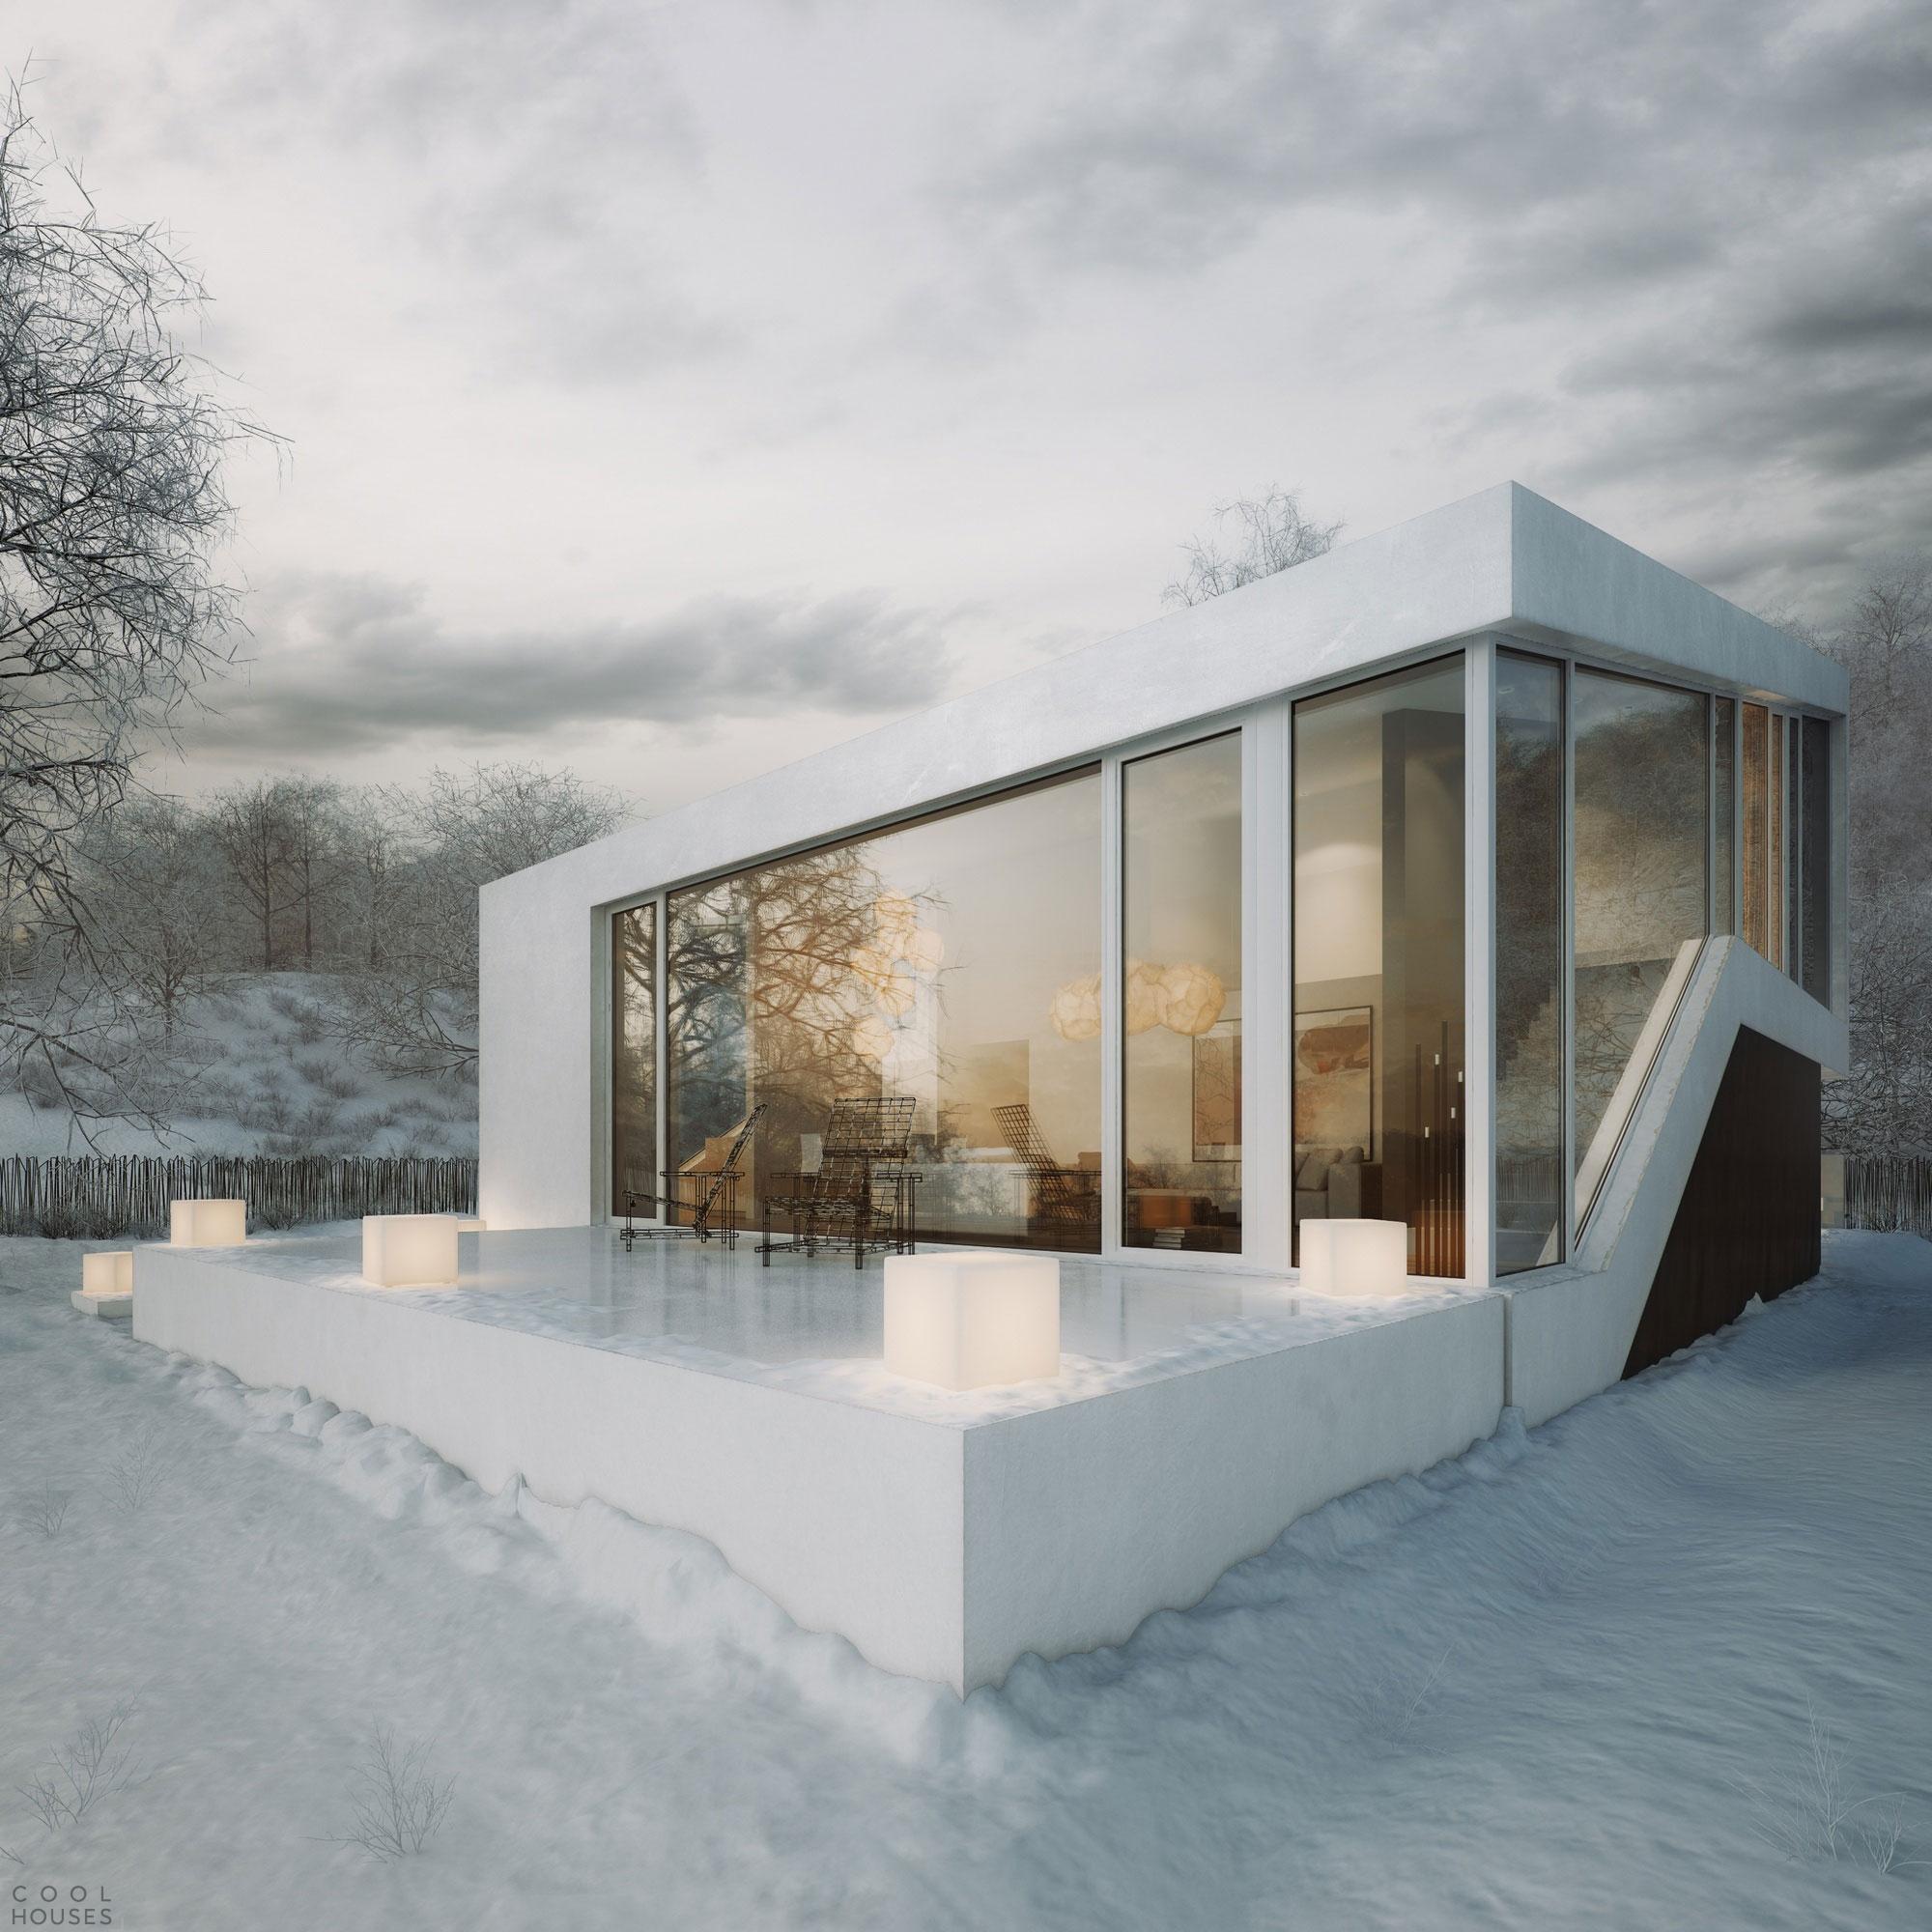 Проект двухэтажного дома, созданный дизайнером Michal Nowak